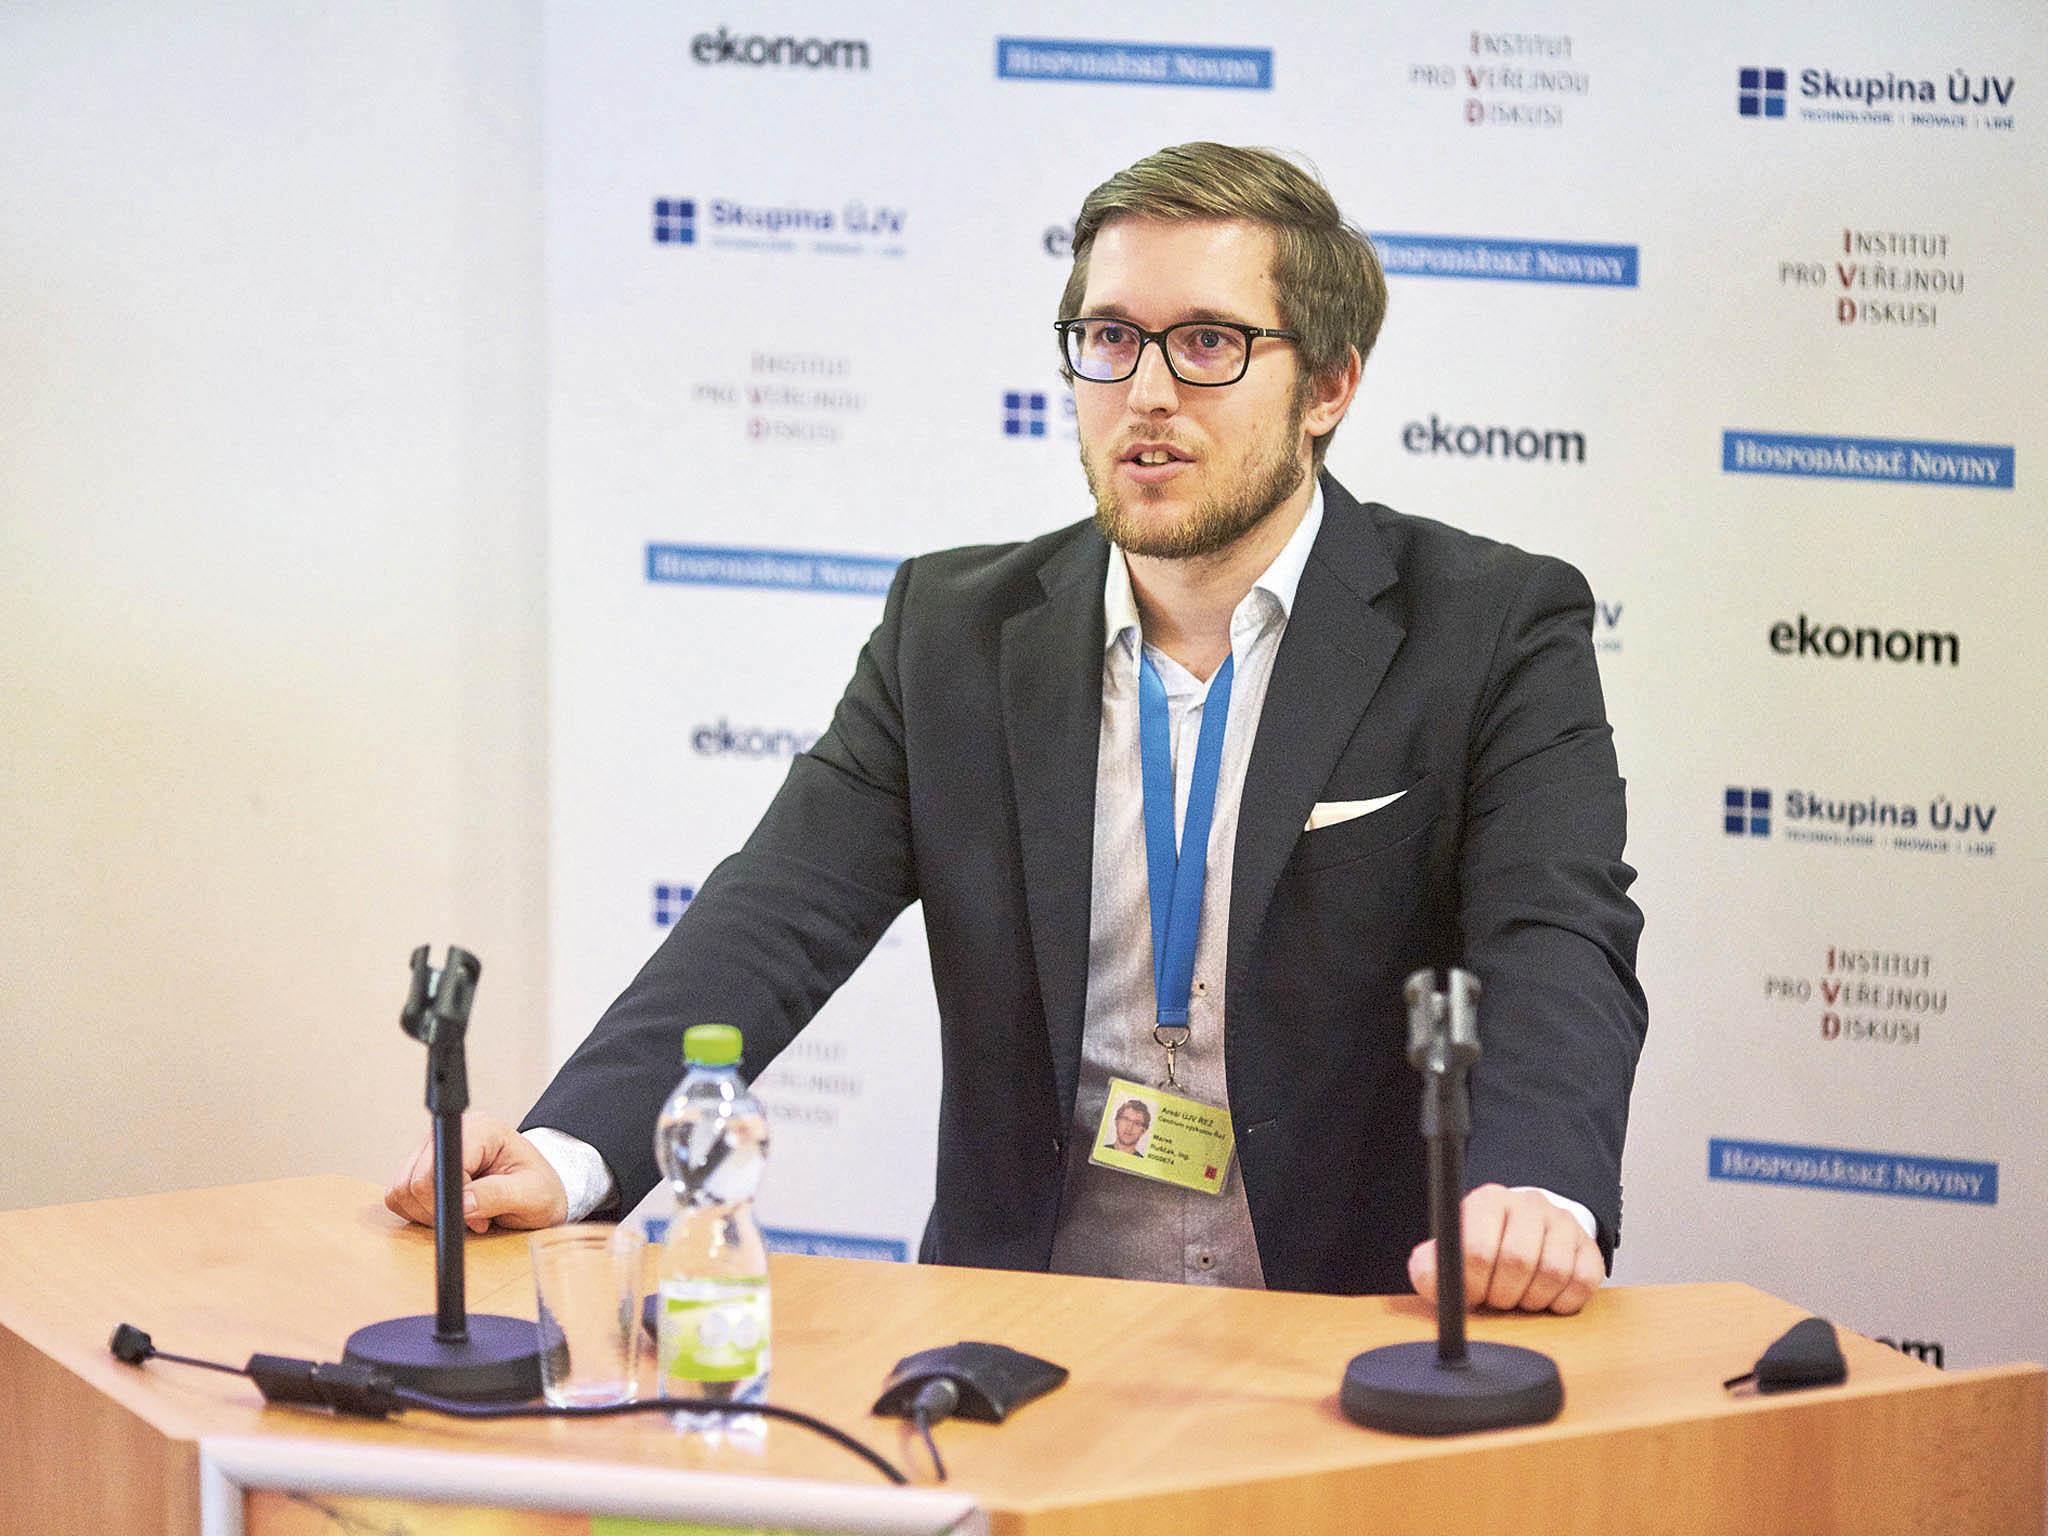 Domácí projekt Energy Well, který vyvíjí dceřiná firma ÚJV Řež, představilMarek Ruščák. Dokončení vývoje předpokládá kolem roku 2030 vzávislosti nafinancování.